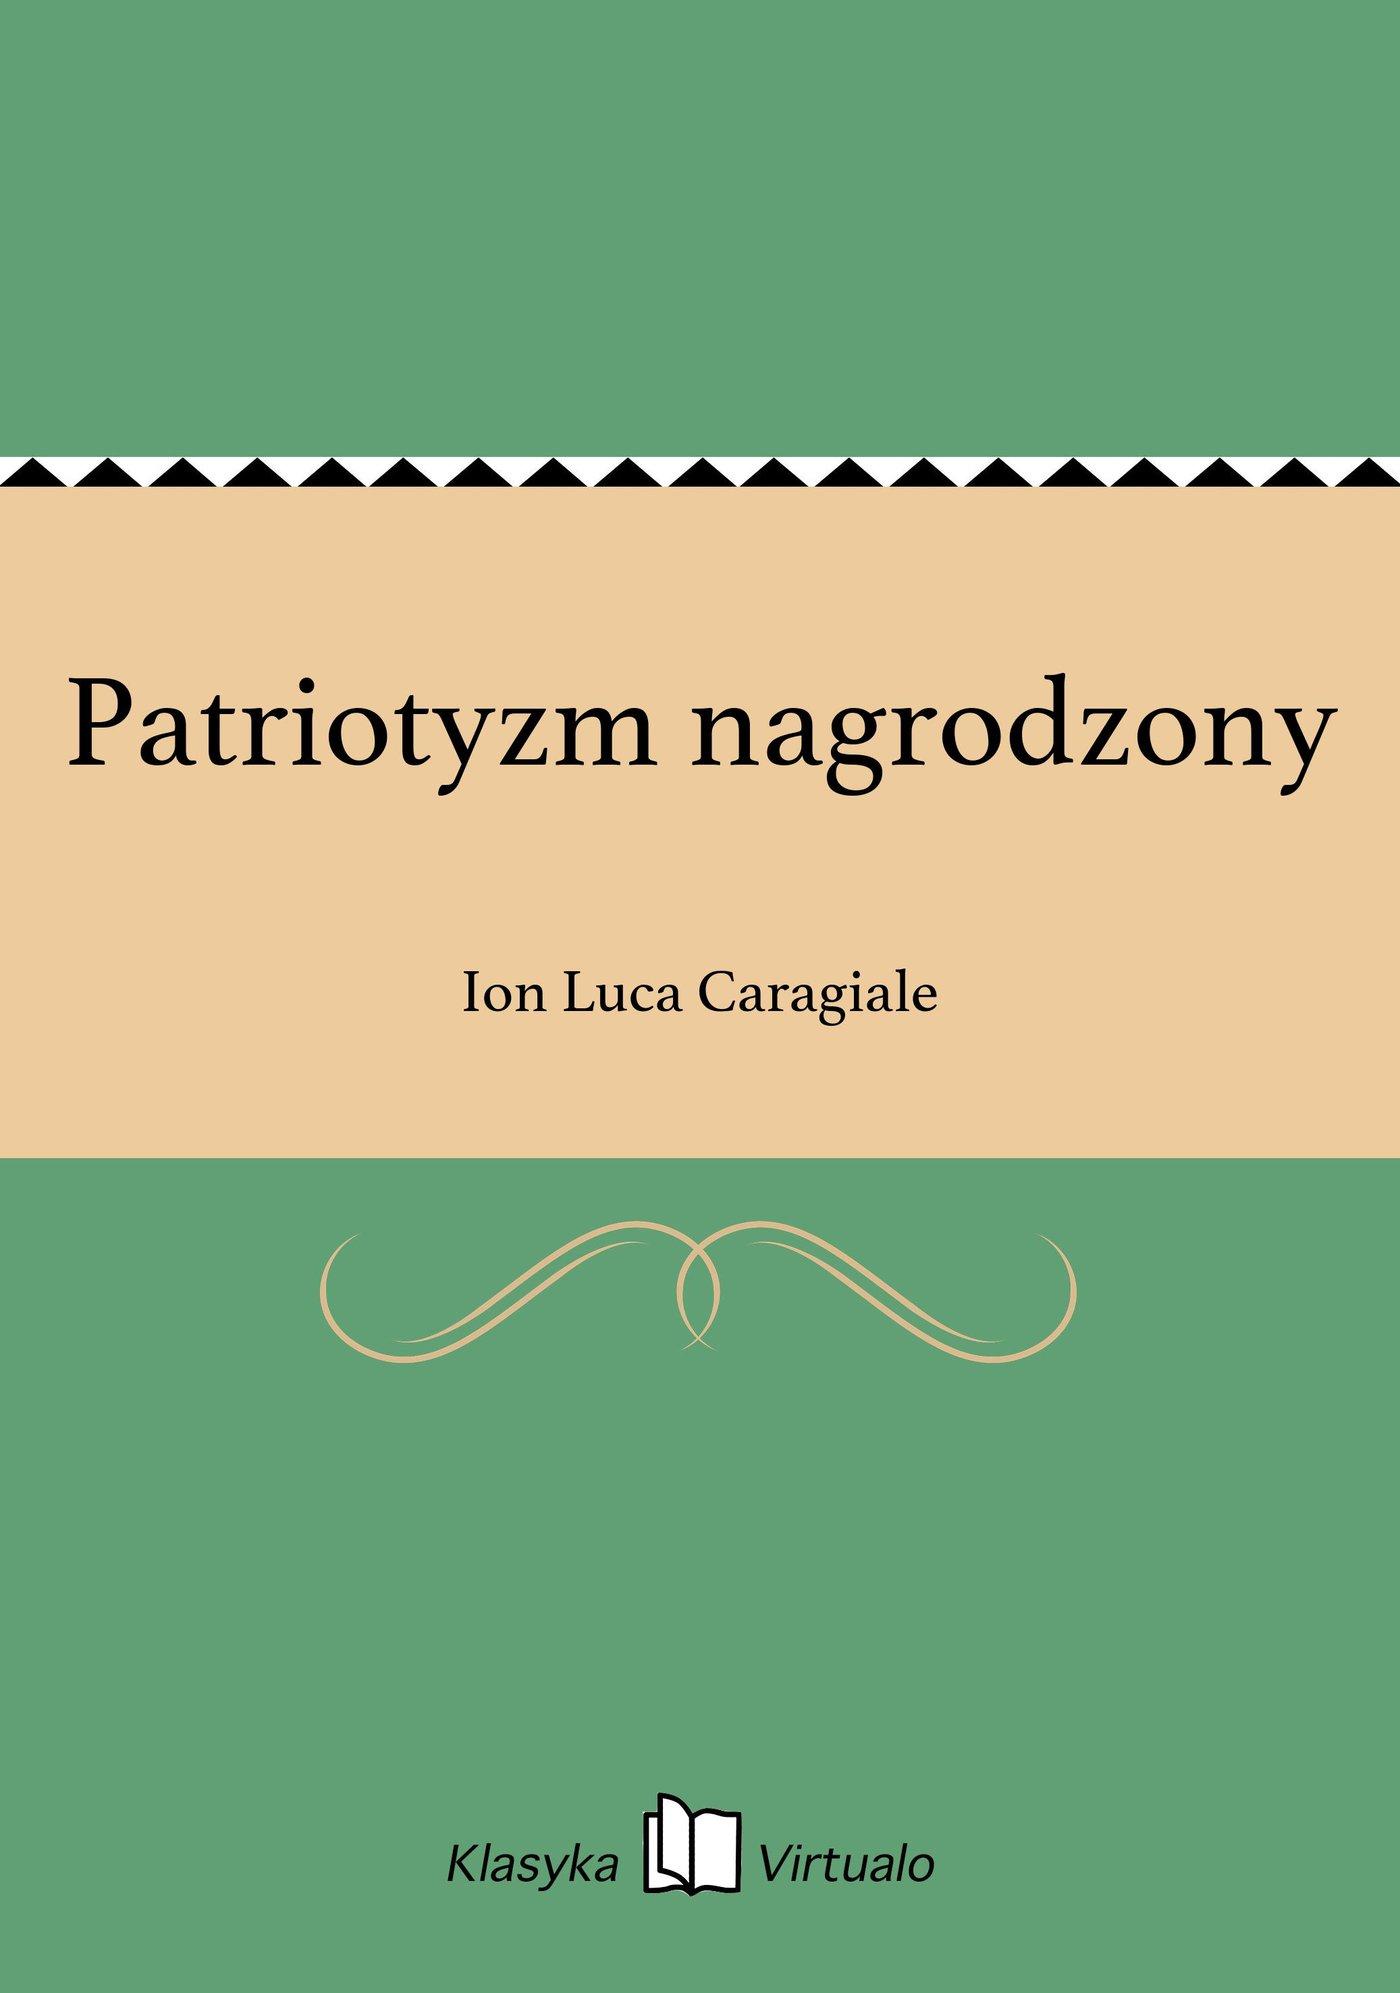 Patriotyzm nagrodzony - Ebook (Książka EPUB) do pobrania w formacie EPUB